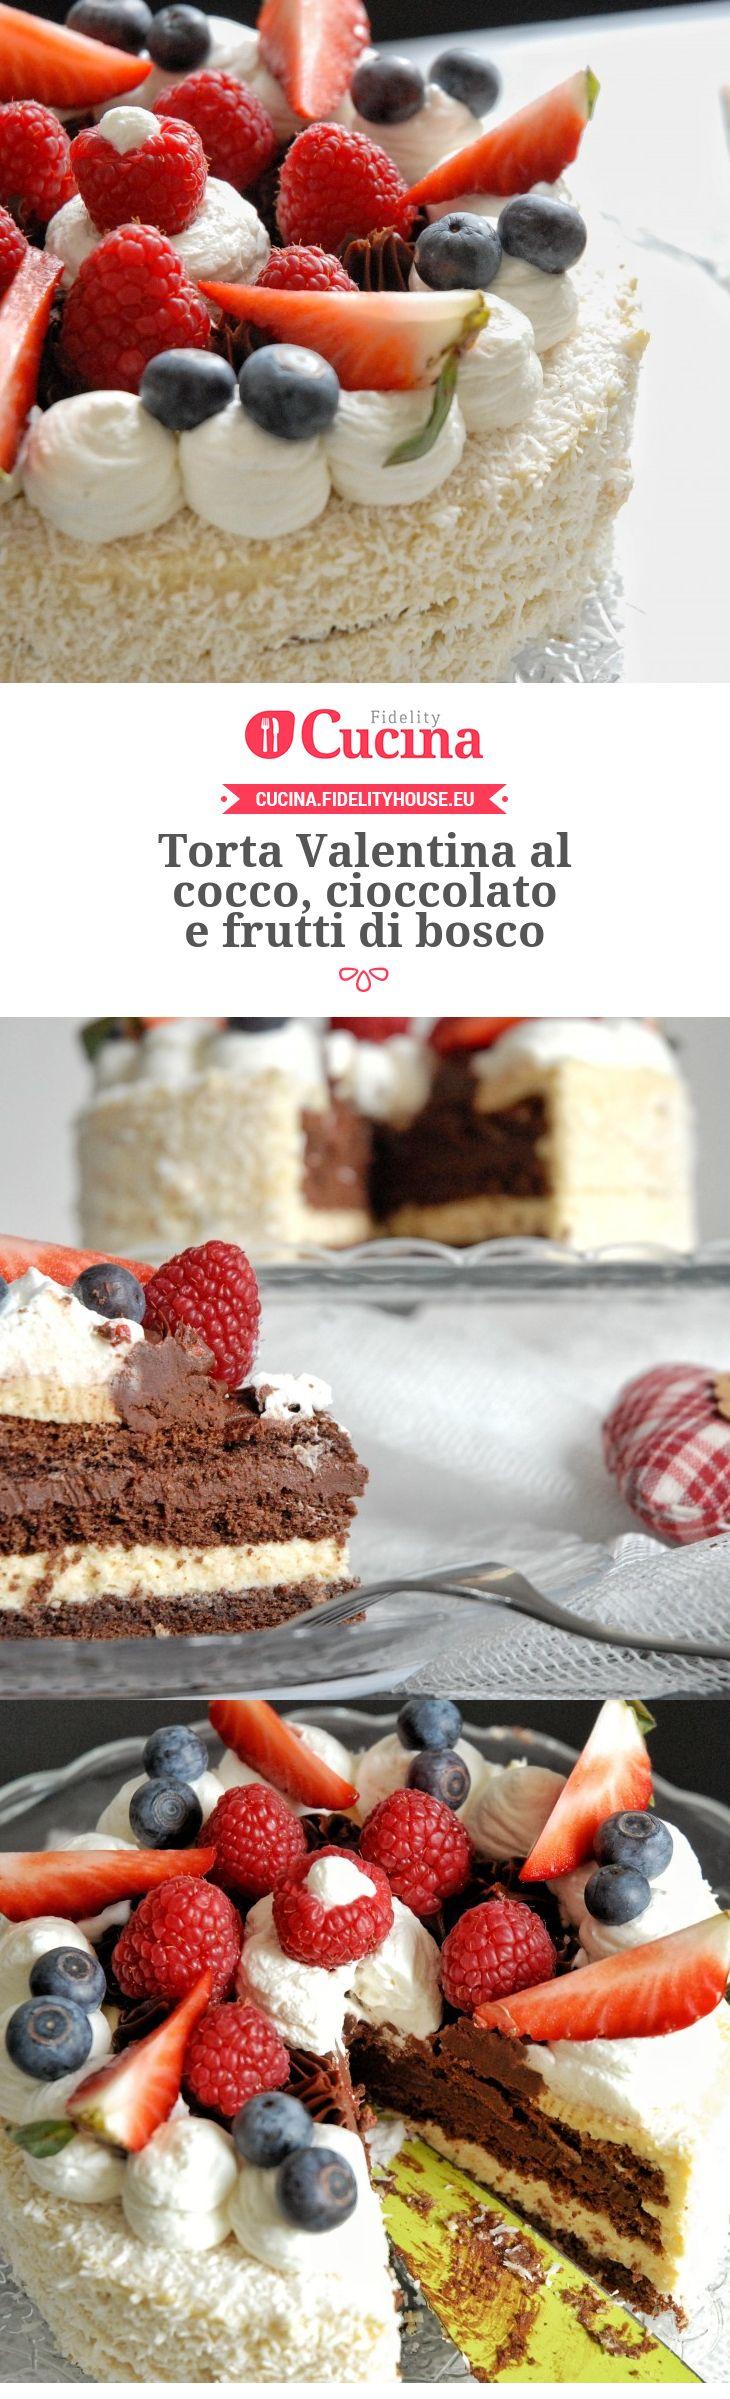 Torta Valentina al cocco, cioccolato e frutti di bosco